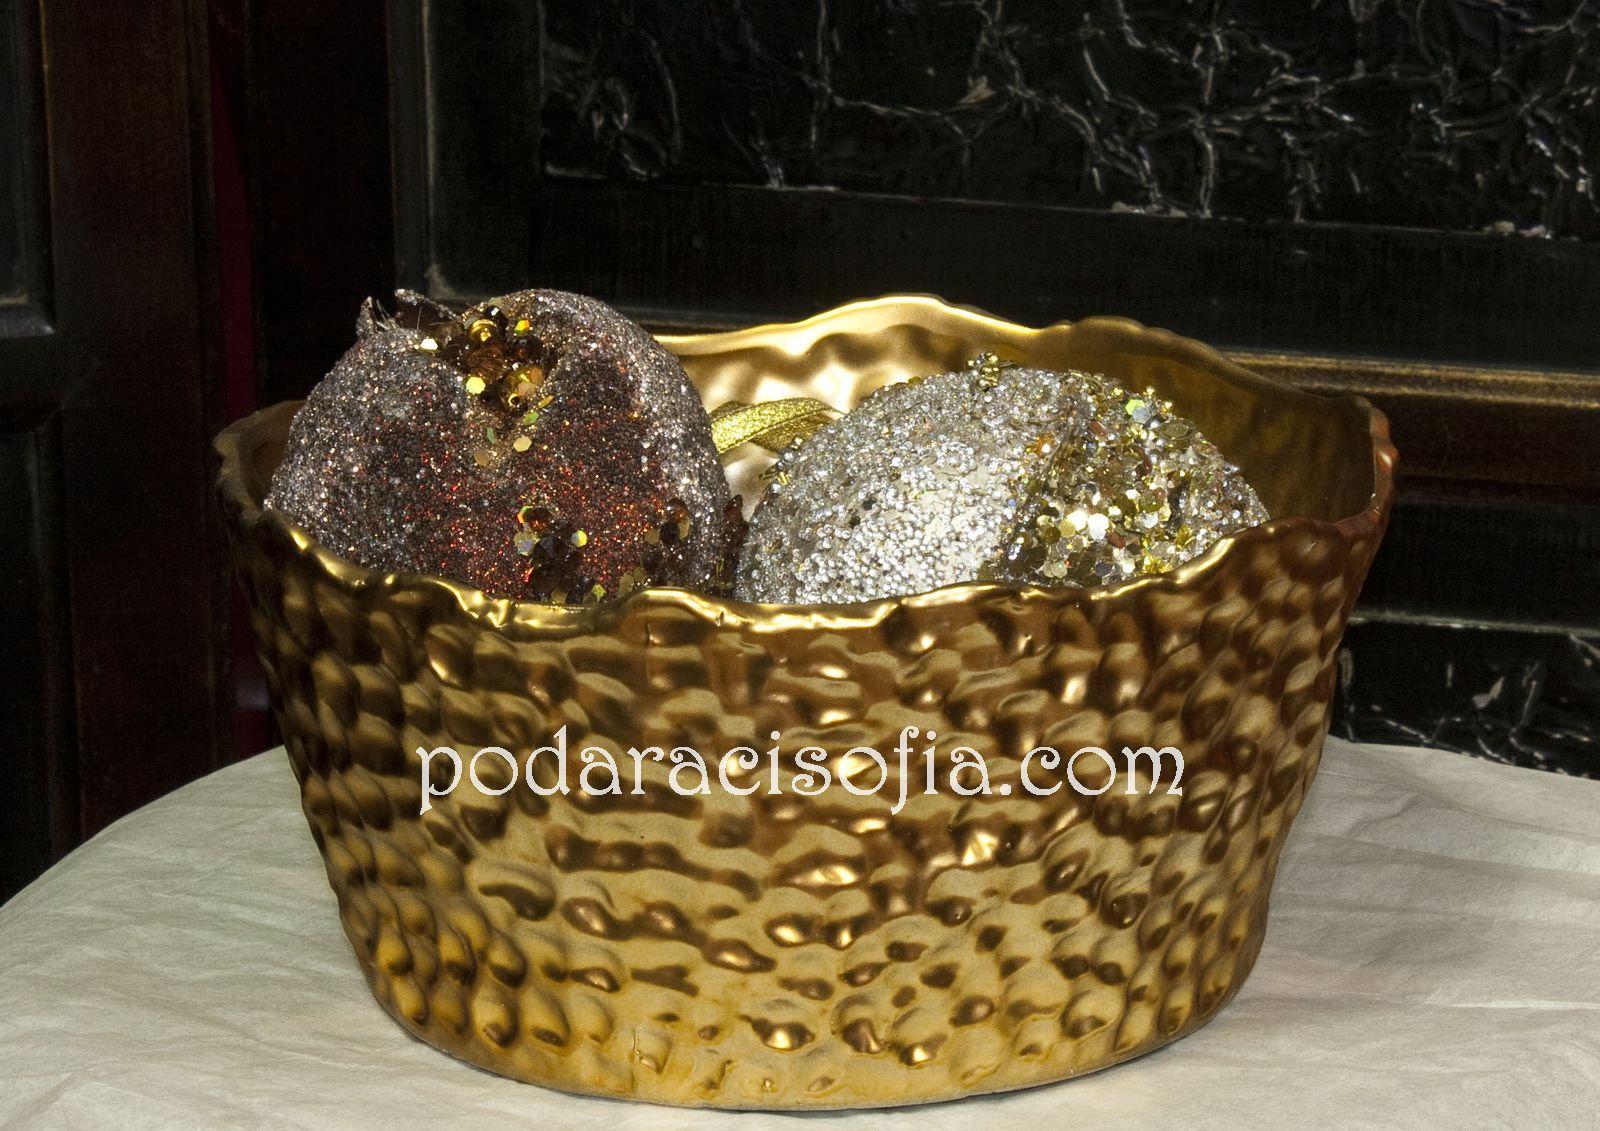 Купа за плодове в нетрадиционна форма. В съчетание с златна ваза в същия стил, имаме стилна комбинация, която седи прекрасно на маса от стъкло или от тъмно дърво.